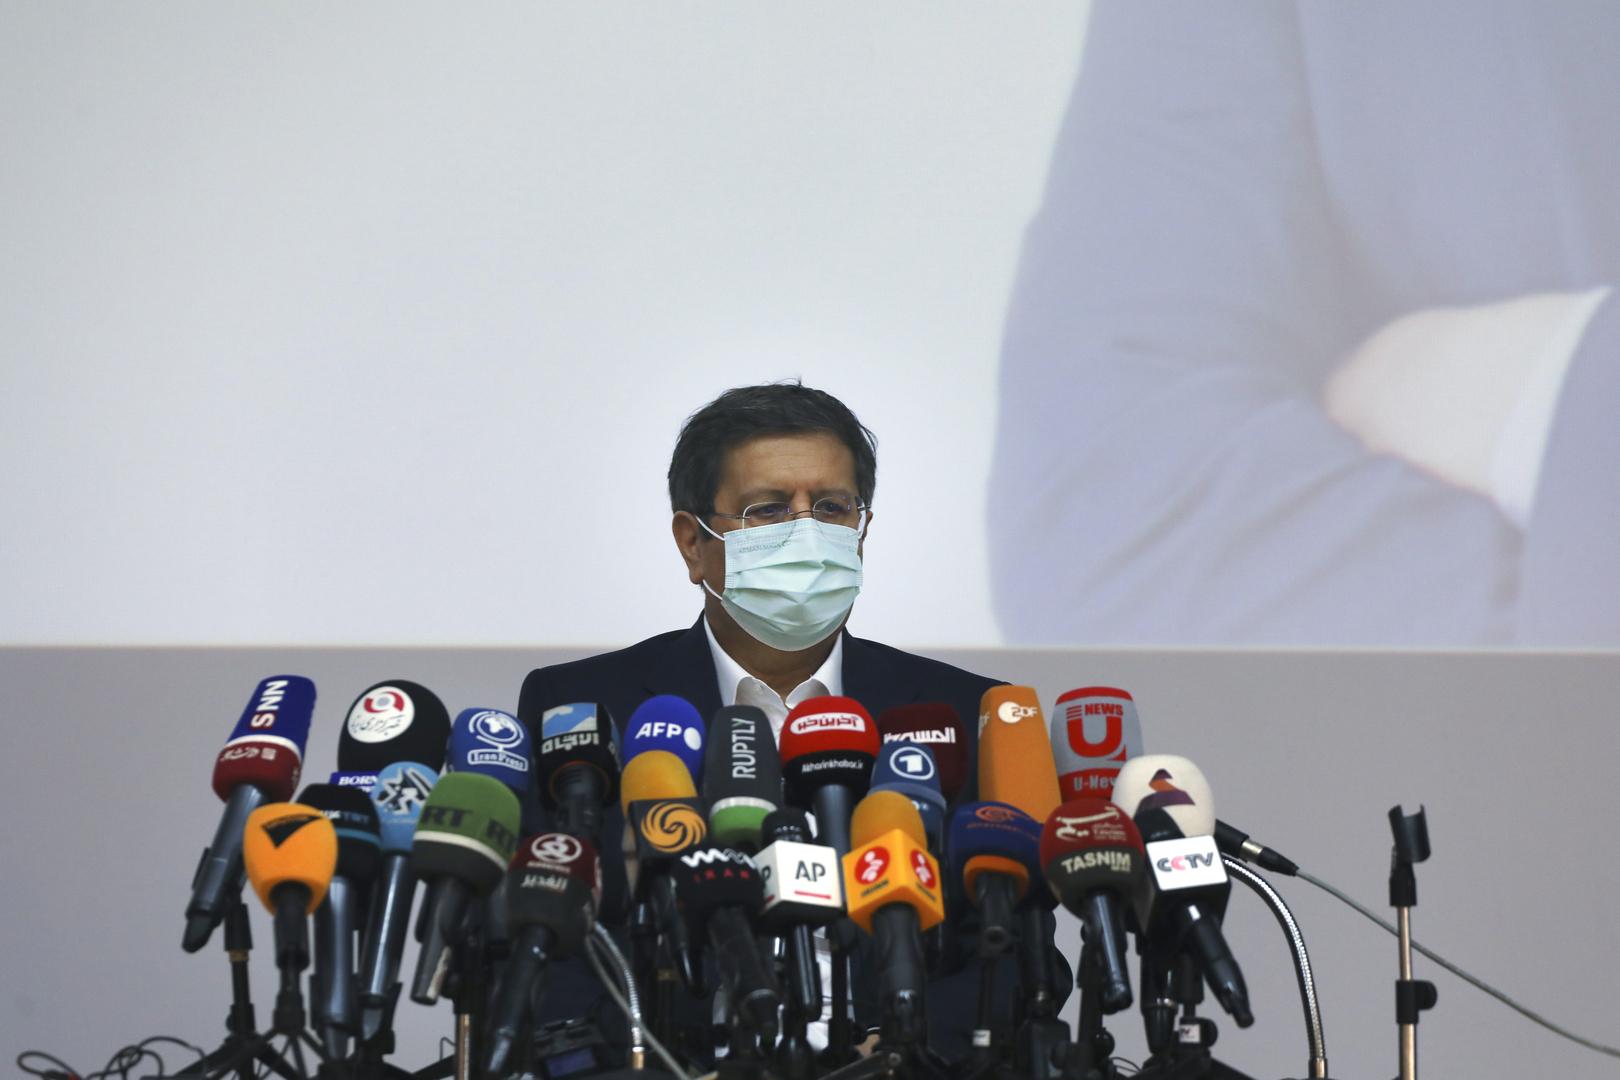 مرشح رئاسي إيراني يدعو لتحسين العلاقات مع الغرب